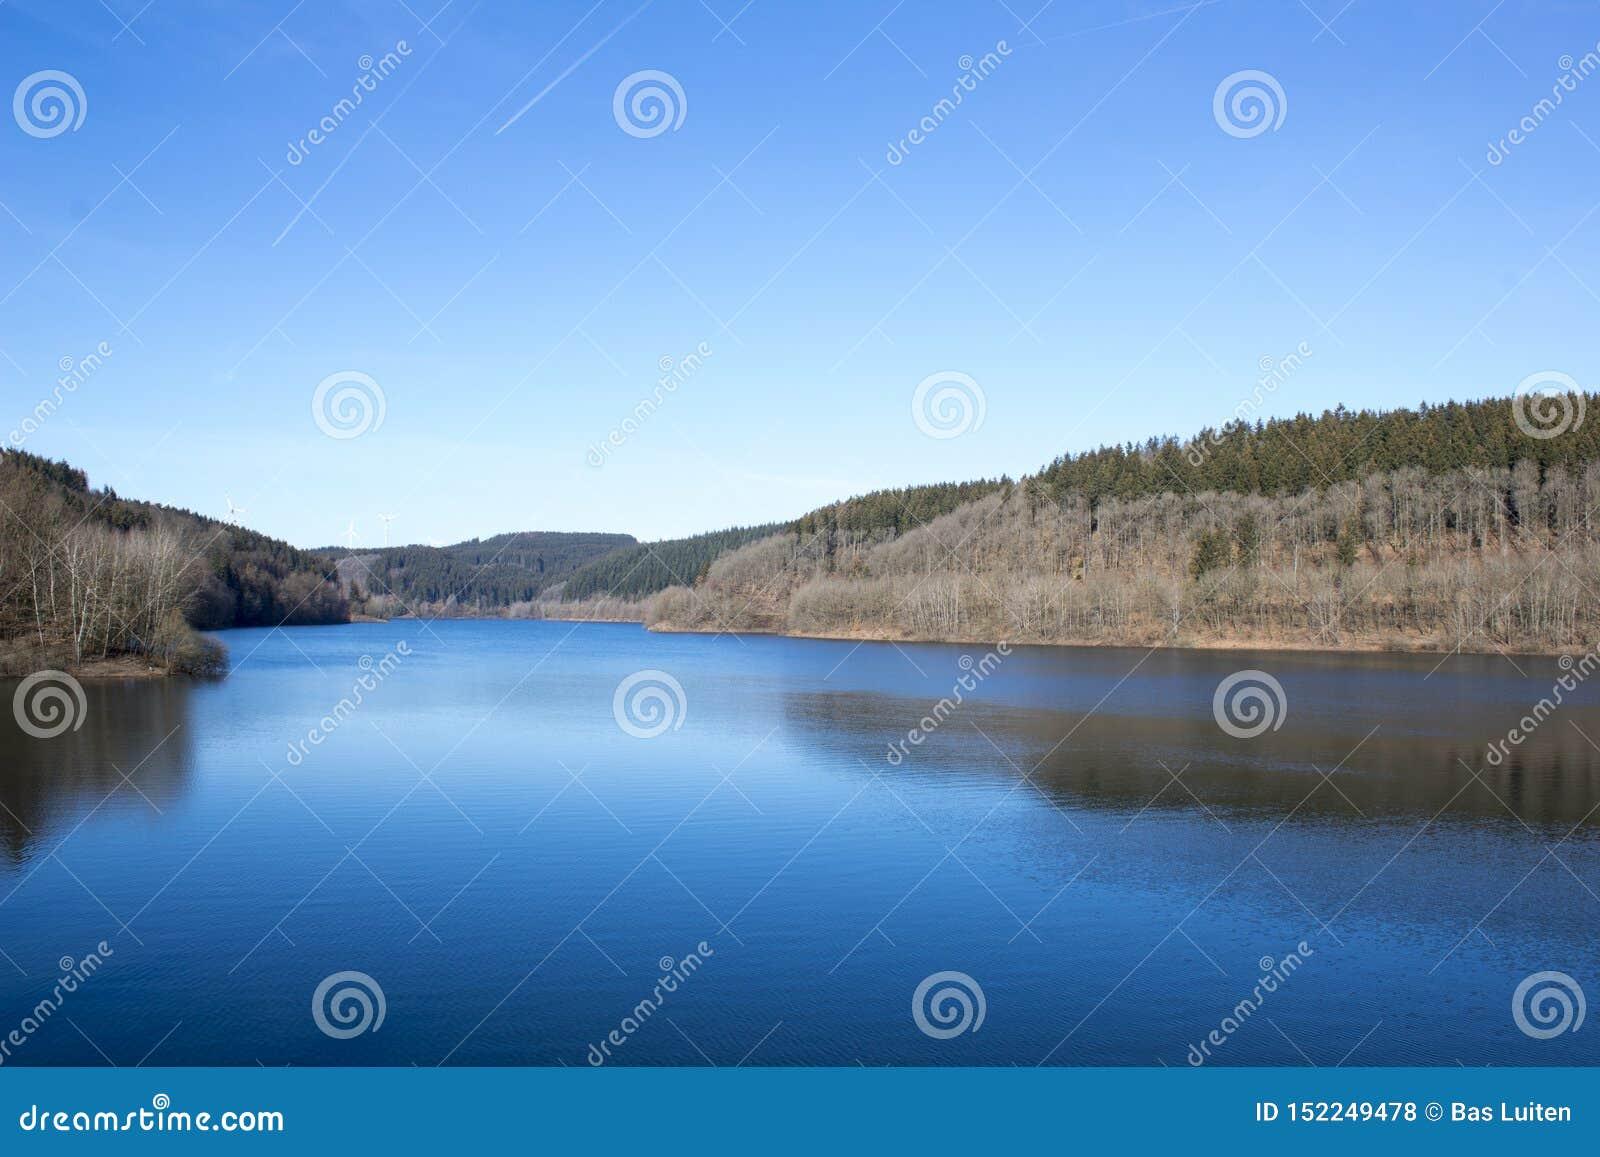 Vista di Lakeside con acqua blu perfetta